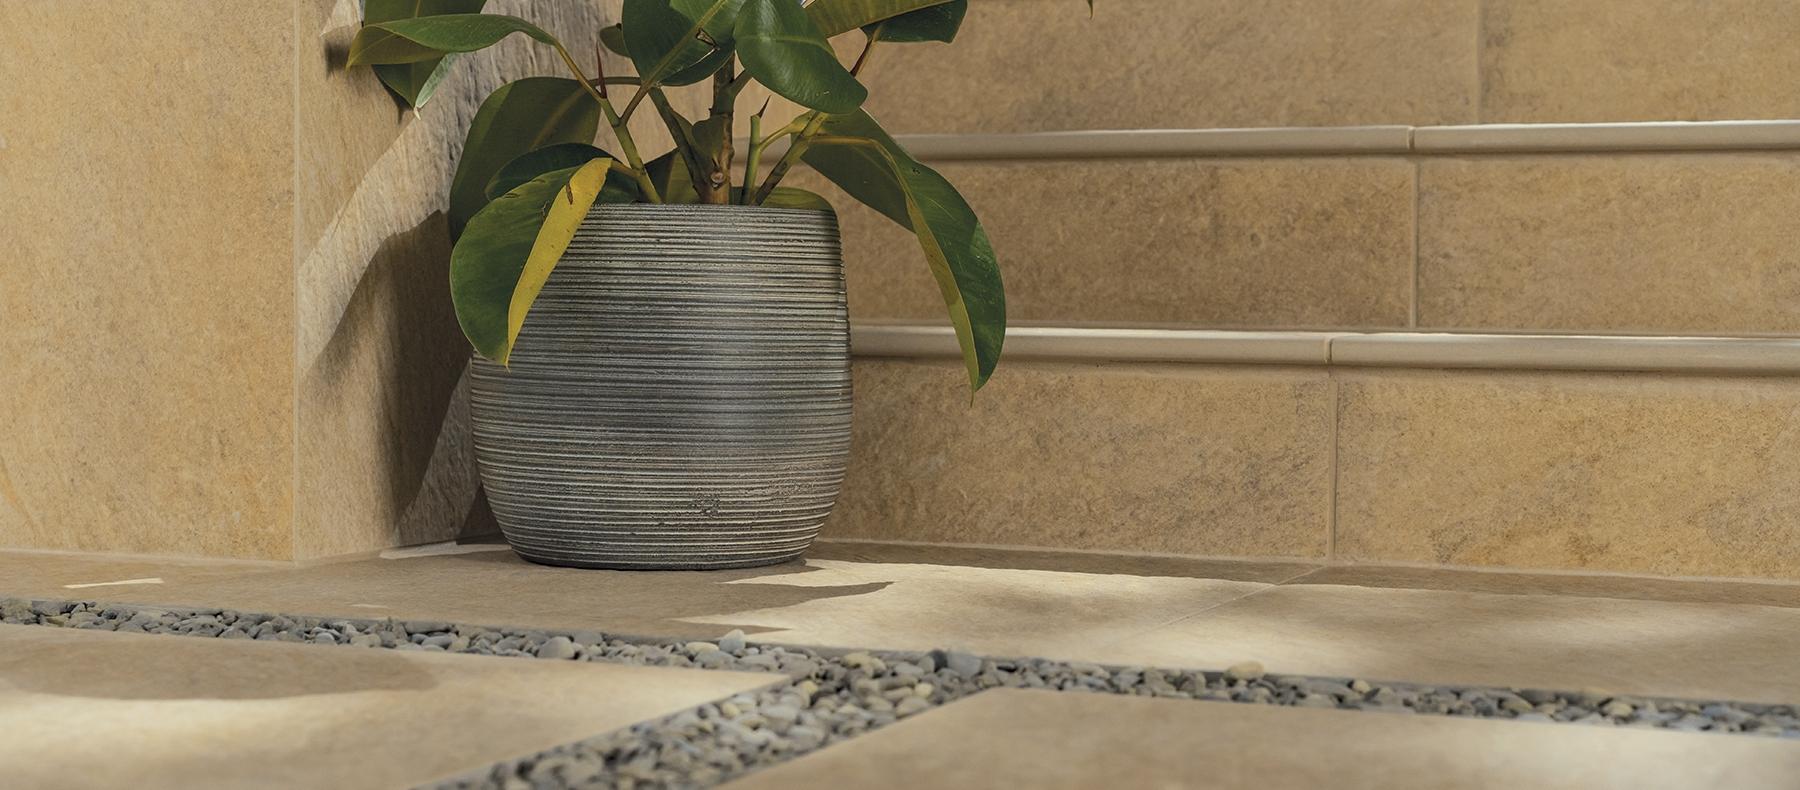 italon плитка очистка керамогранита уход за плиткой италон мытье полов уличный керамогранит